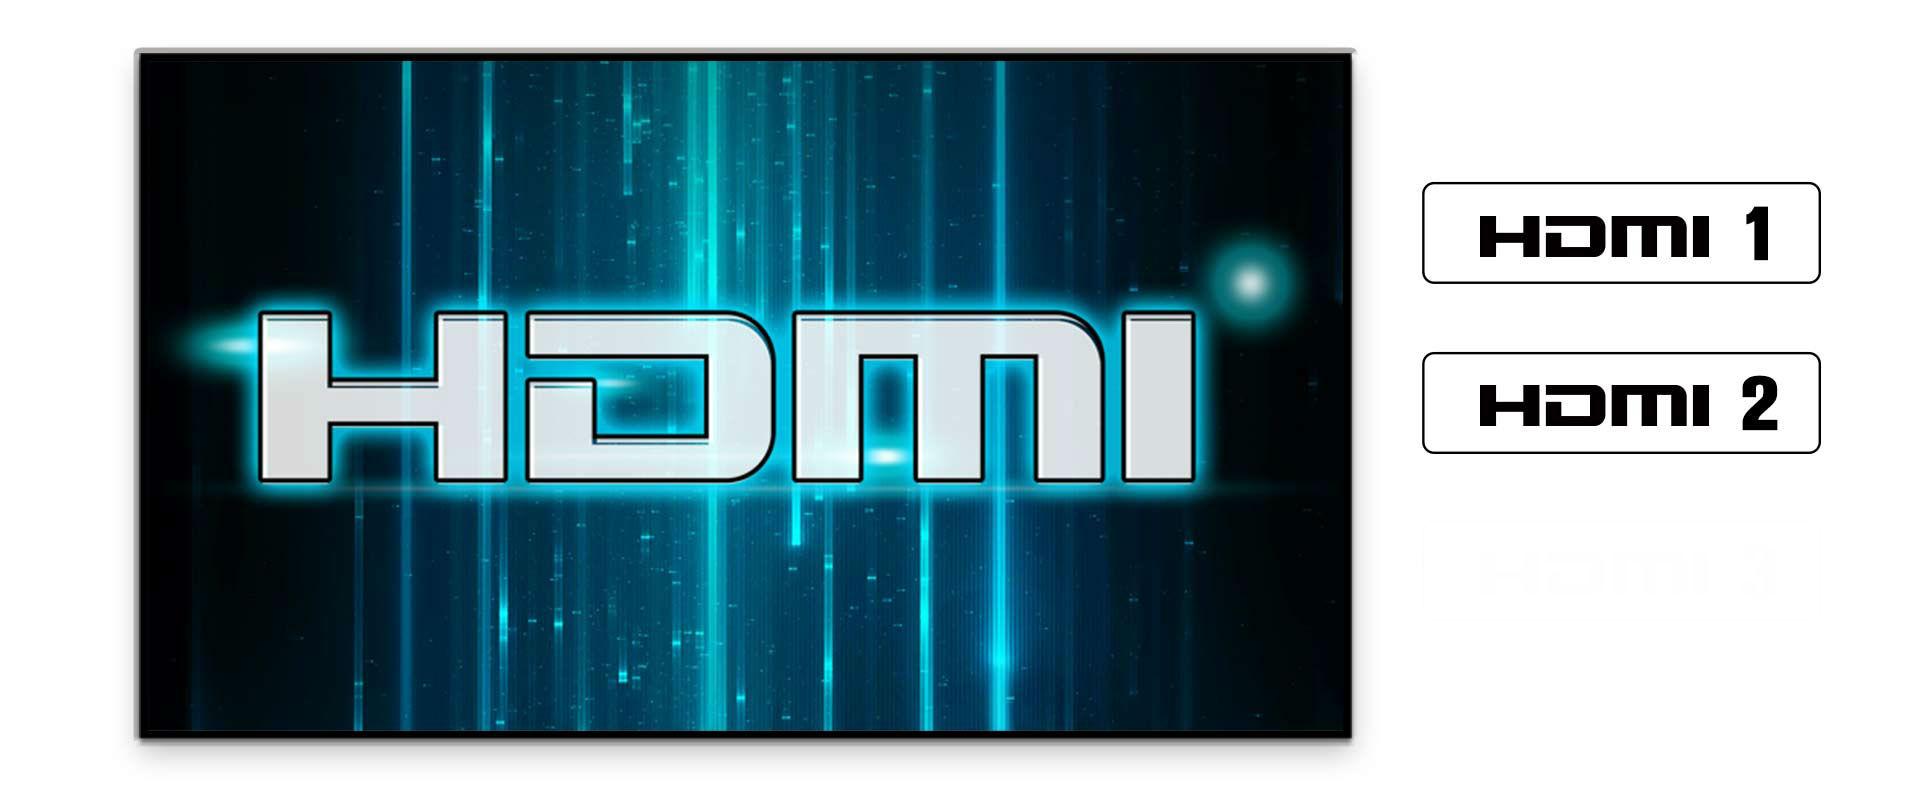 TCL LED Smart TV HDMI